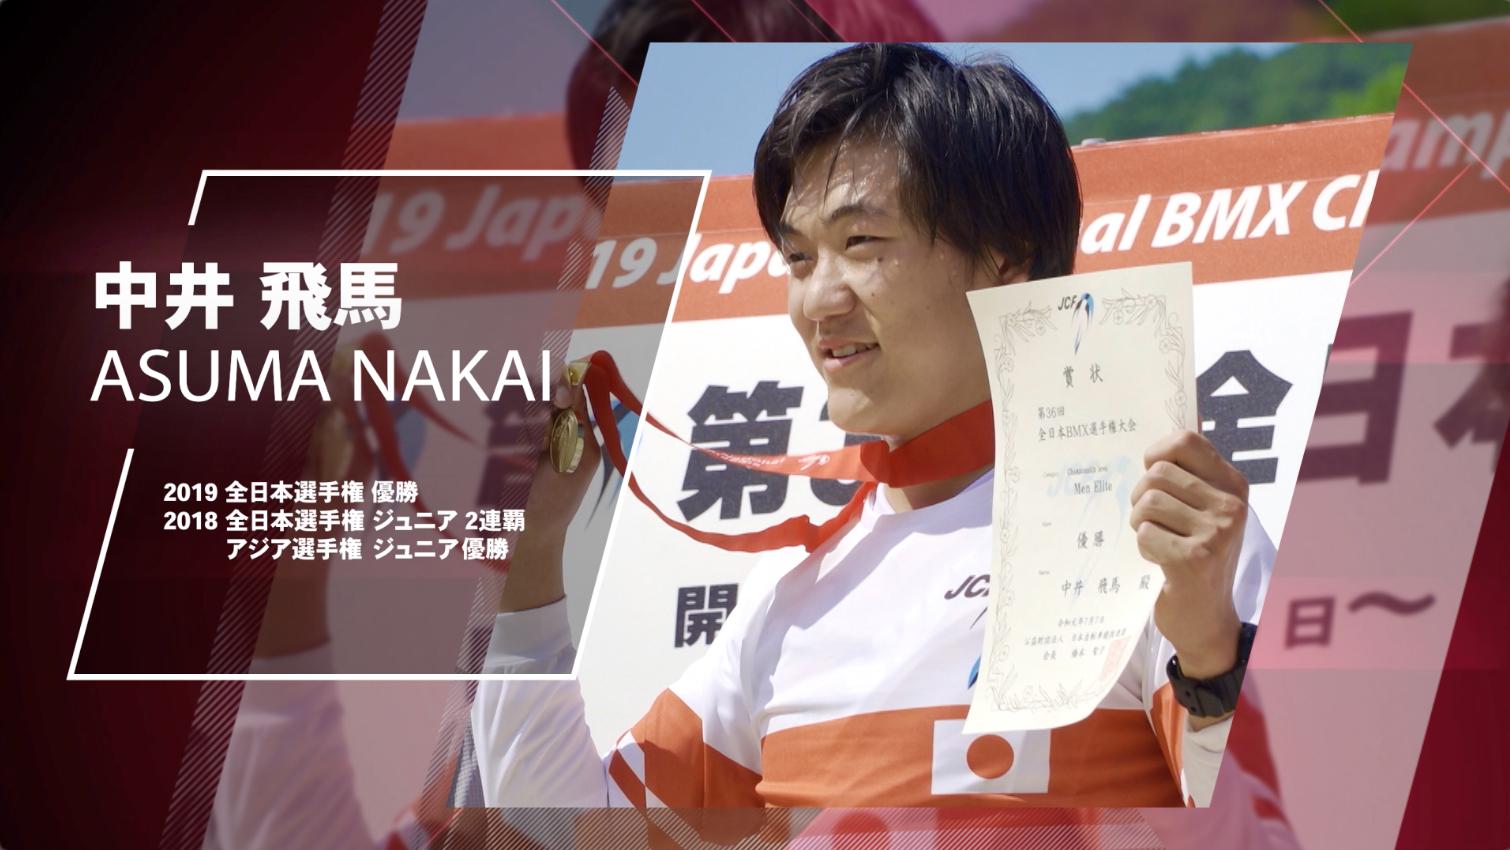 中井飛馬インタビュー「ぶっちぎって2連覇を目指す!」